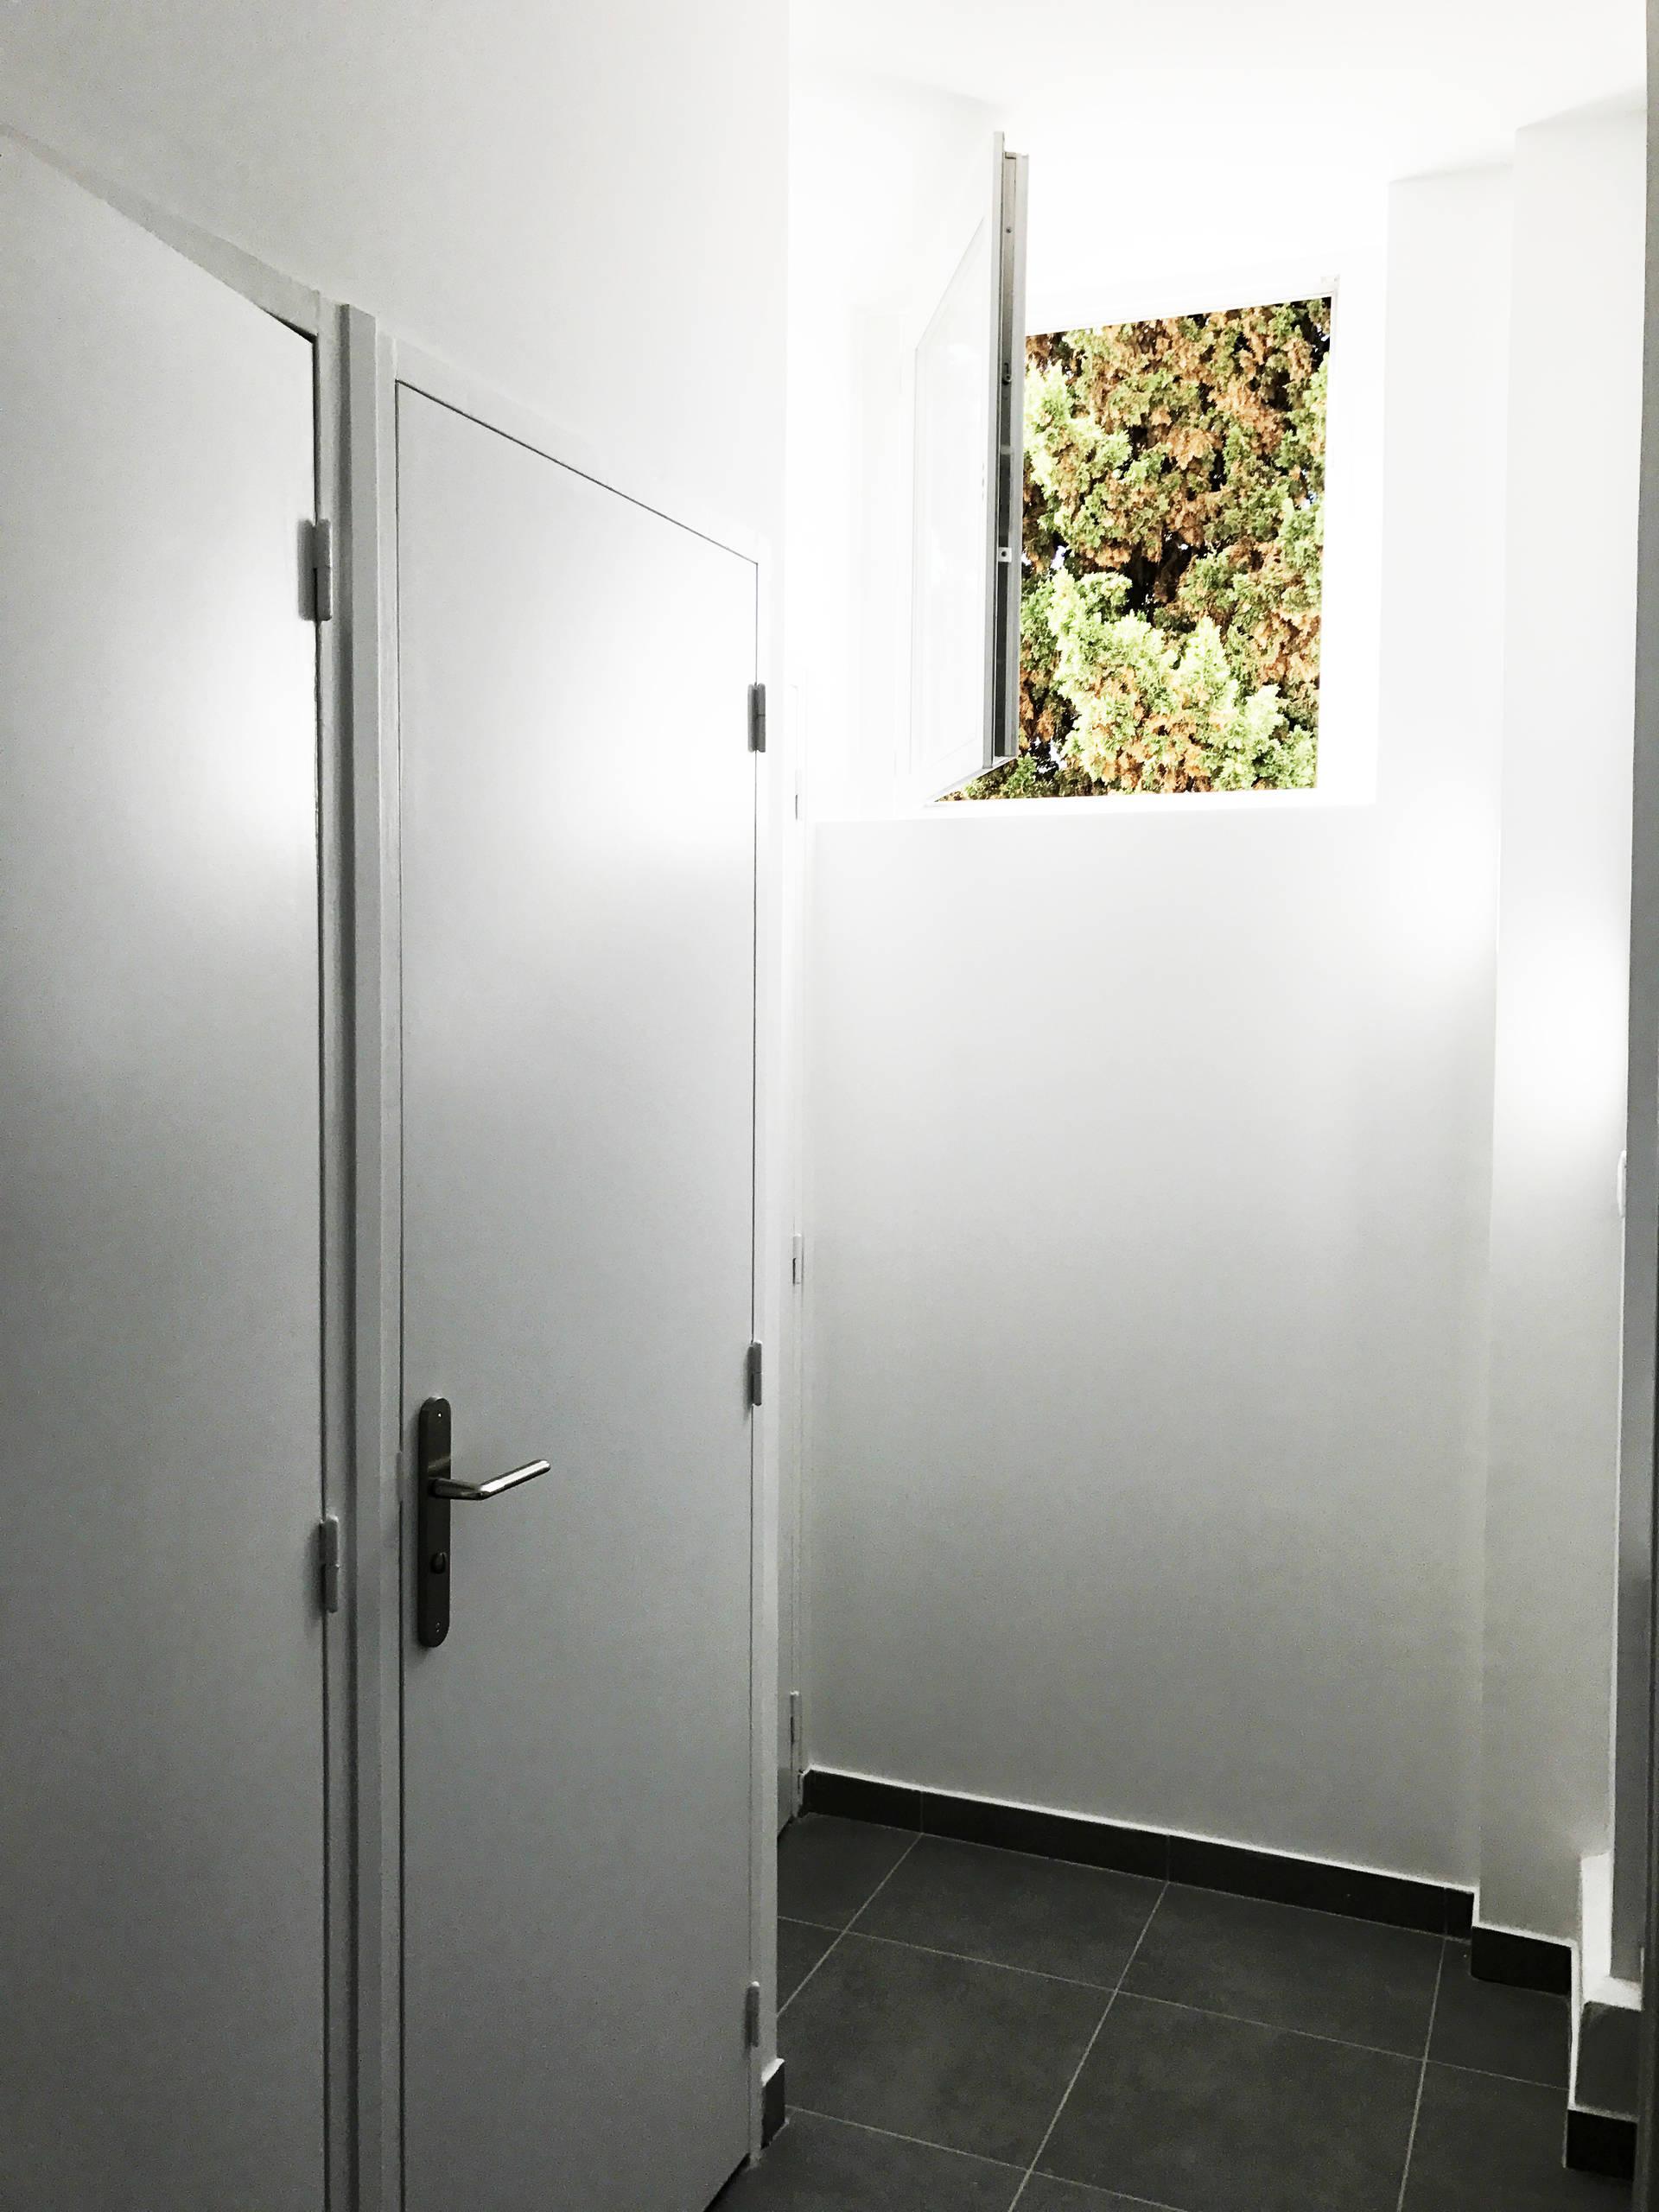 Rénovation de sanitaires et mise aux normes PMR dans une immeuble de bureaux